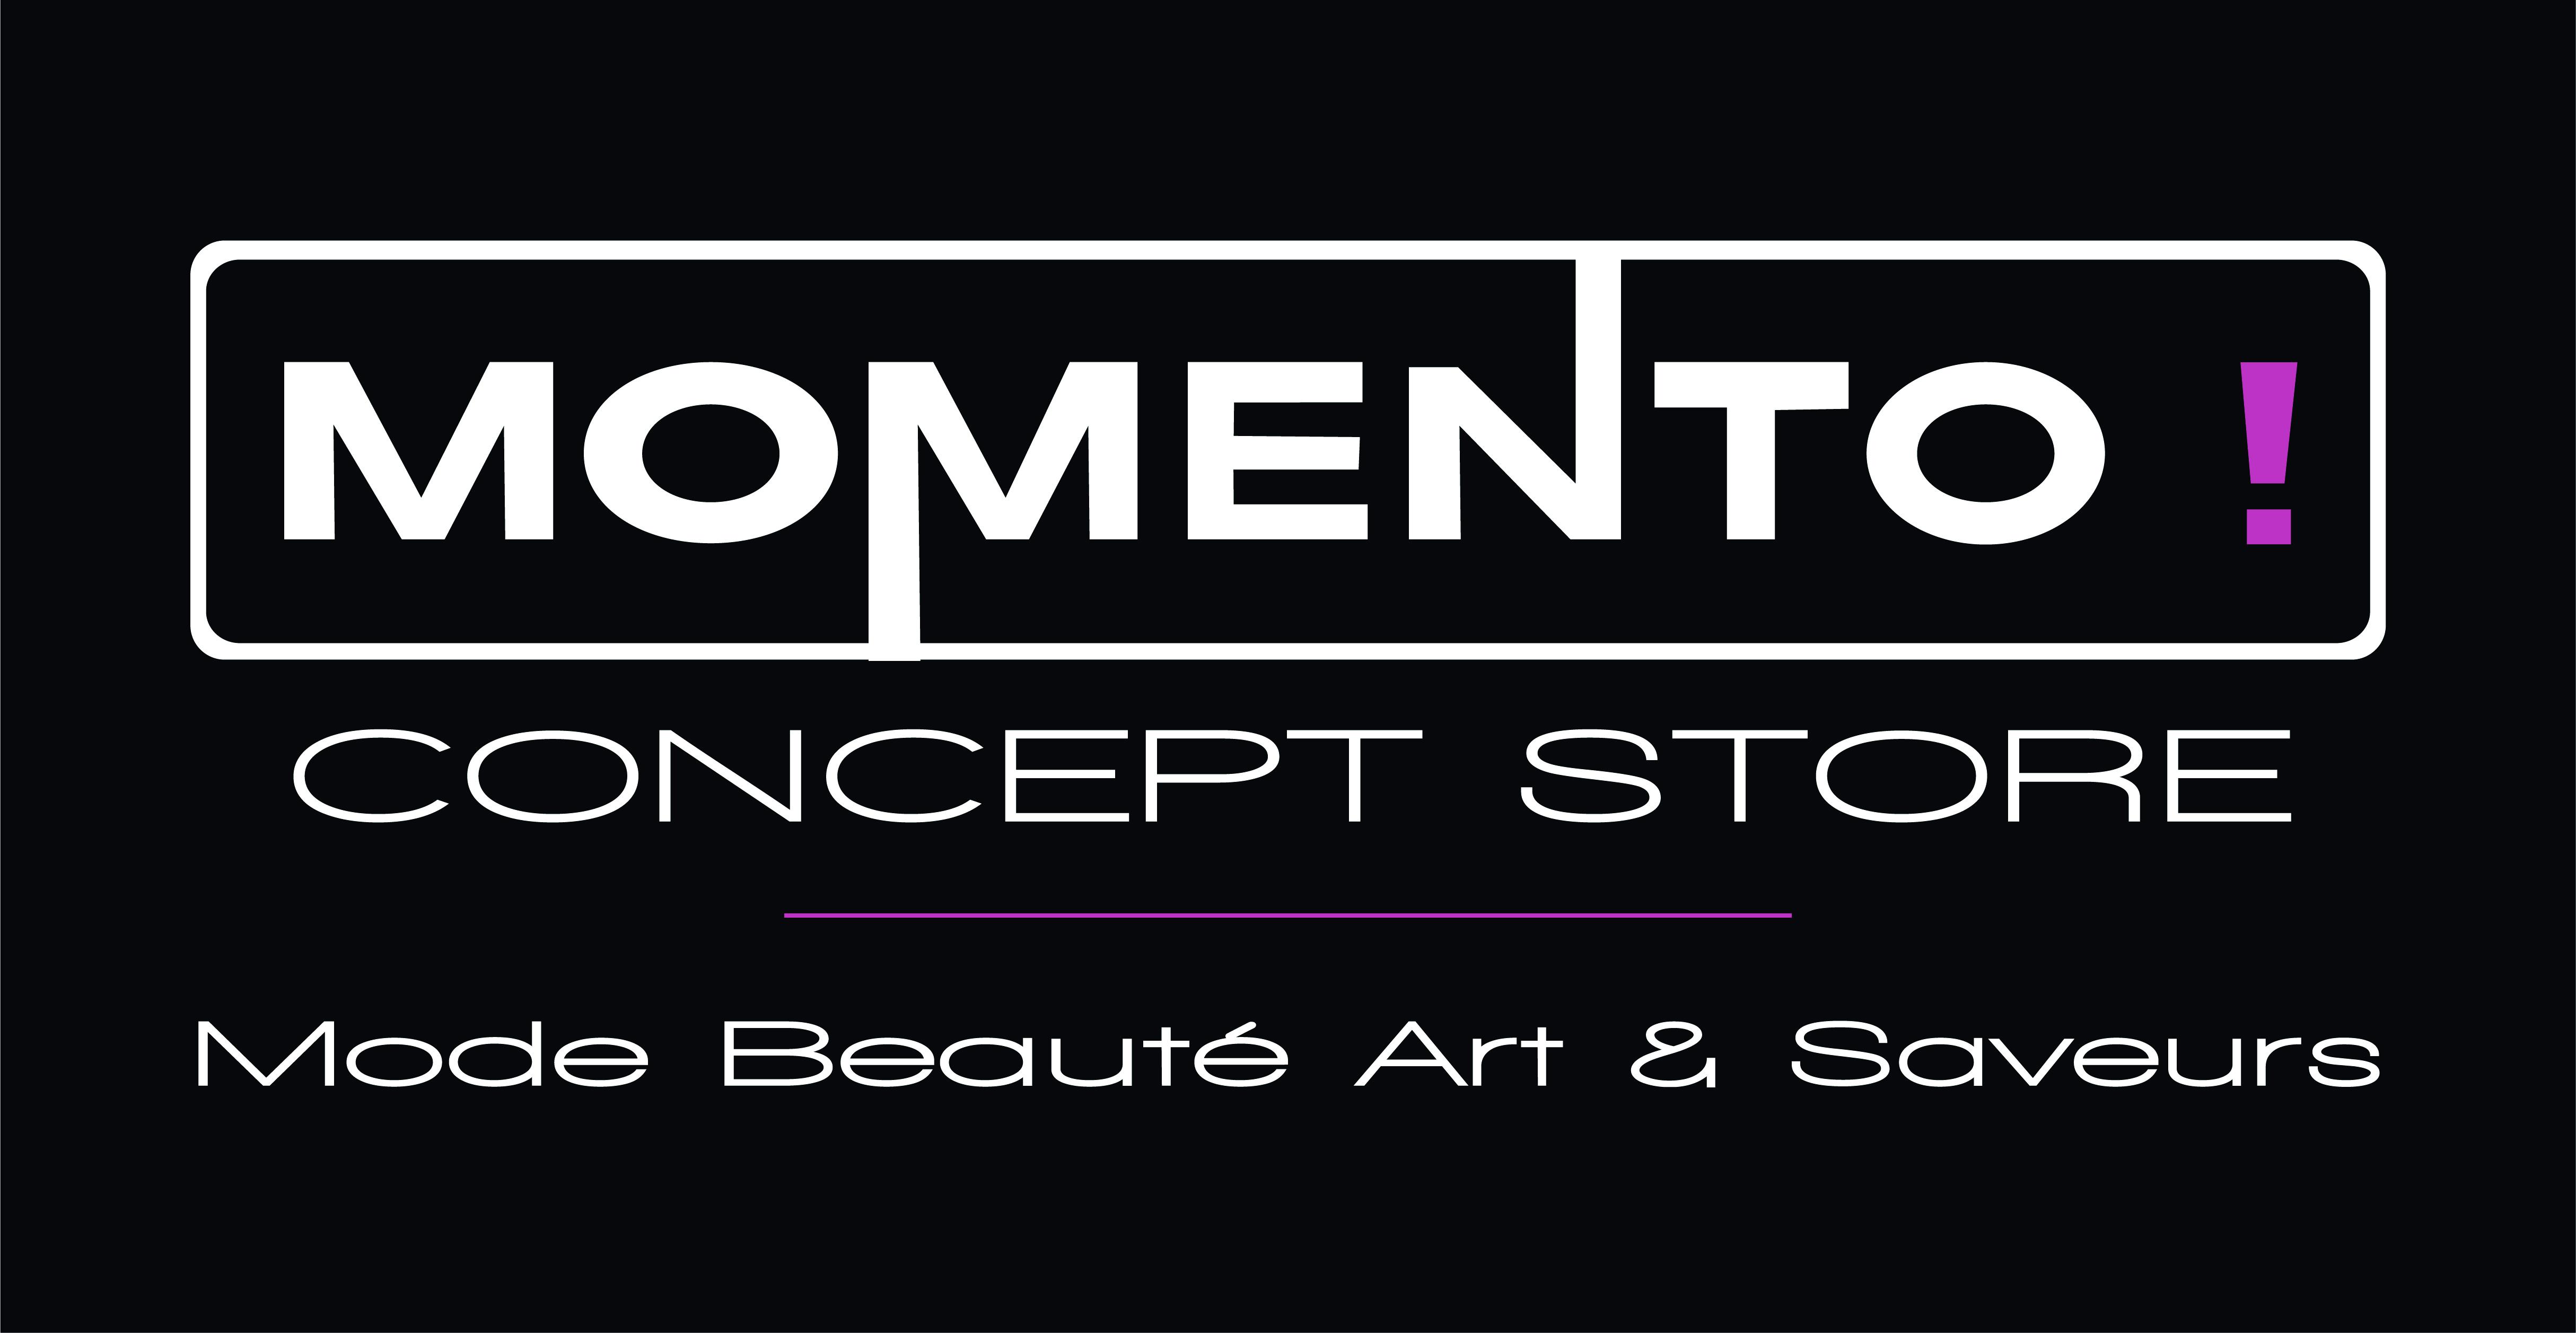 MOMENTO Concept